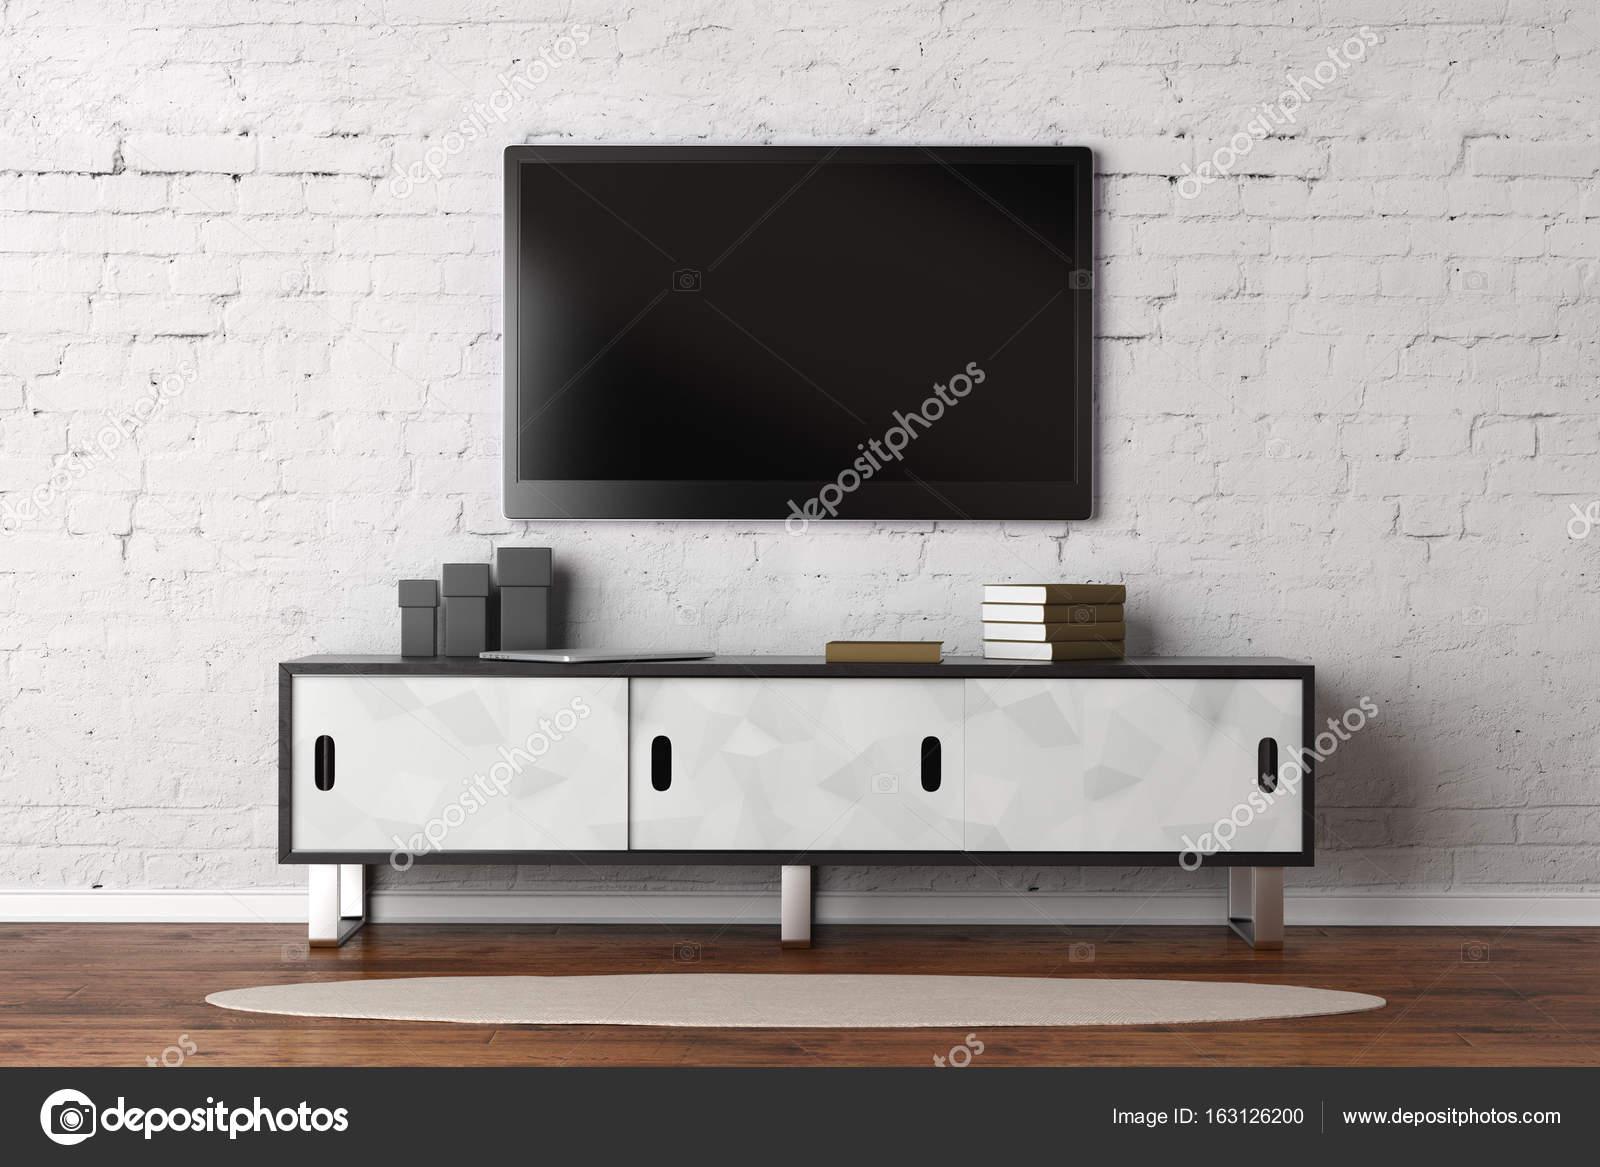 Living room with empty TV monitor — Stock Photo © peshkova #163126200